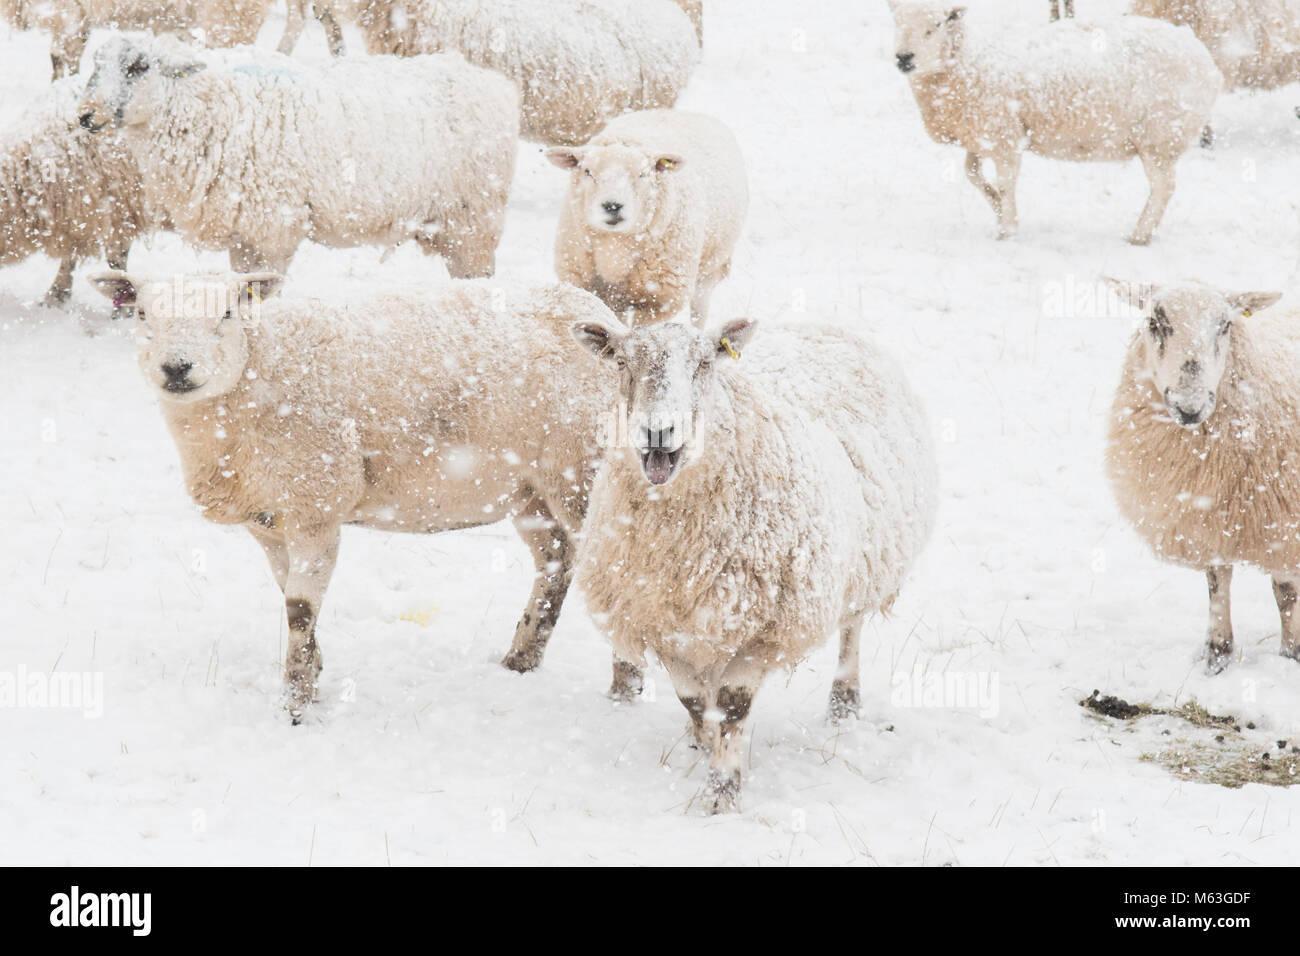 Balfron, Stirlingshire, Scotland, Regno Unito. 28 Feb, 2018. Regno Unito - previsioni del tempo - ovini sperando Immagini Stock